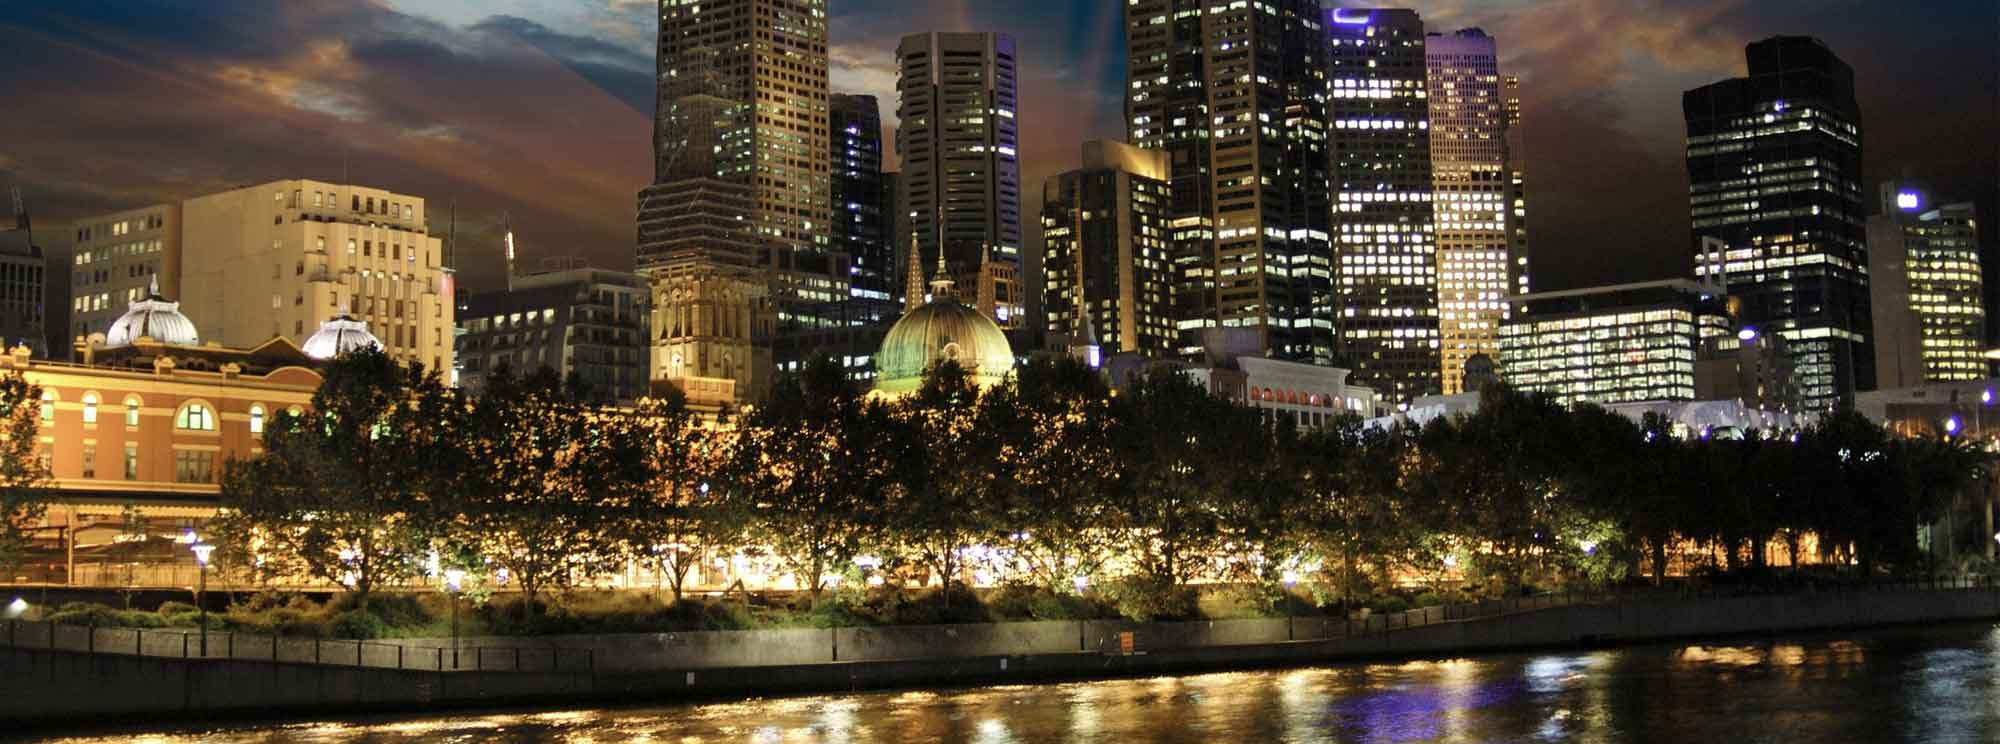 Melbourne_city-02